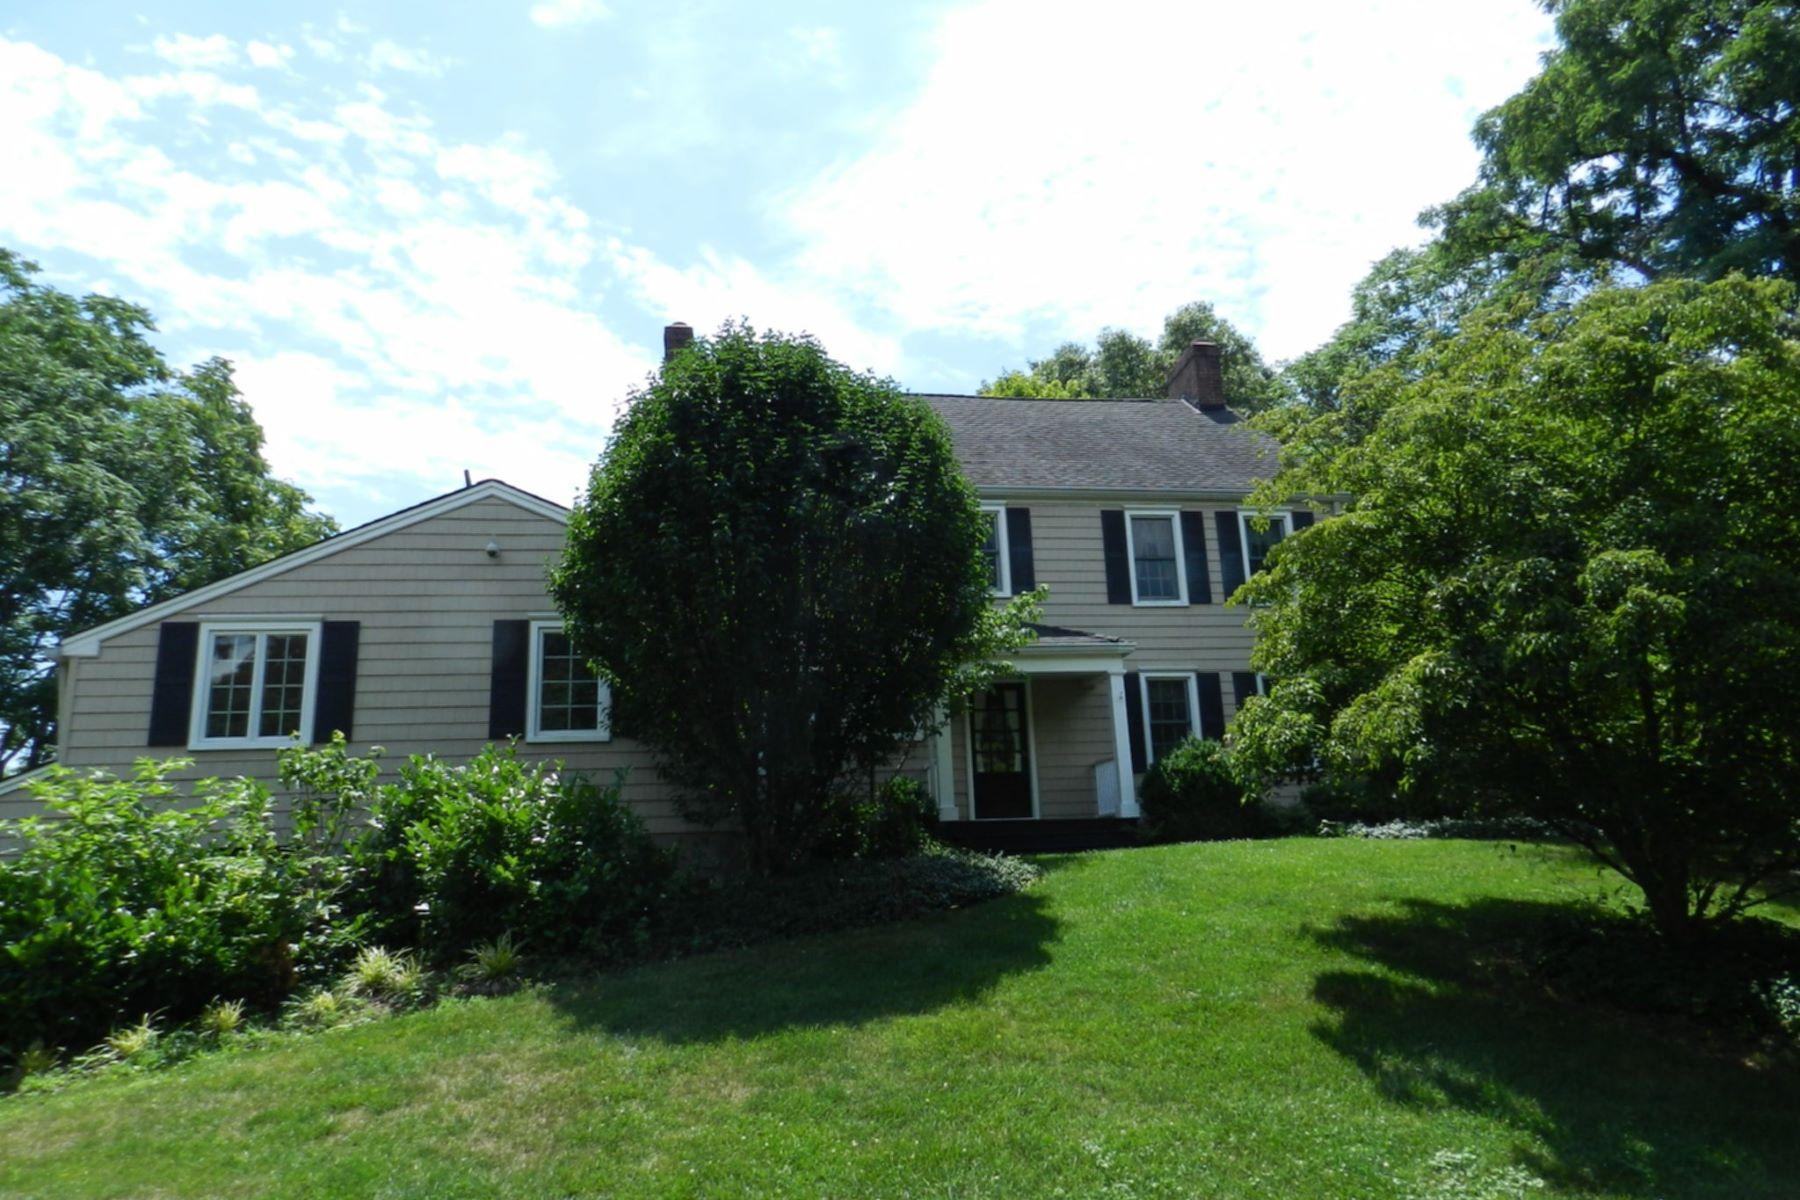 Casa Unifamiliar por un Venta en One of a Kind Home 1707 Woodland Ave Edison, Nueva Jersey 08820 Estados Unidos